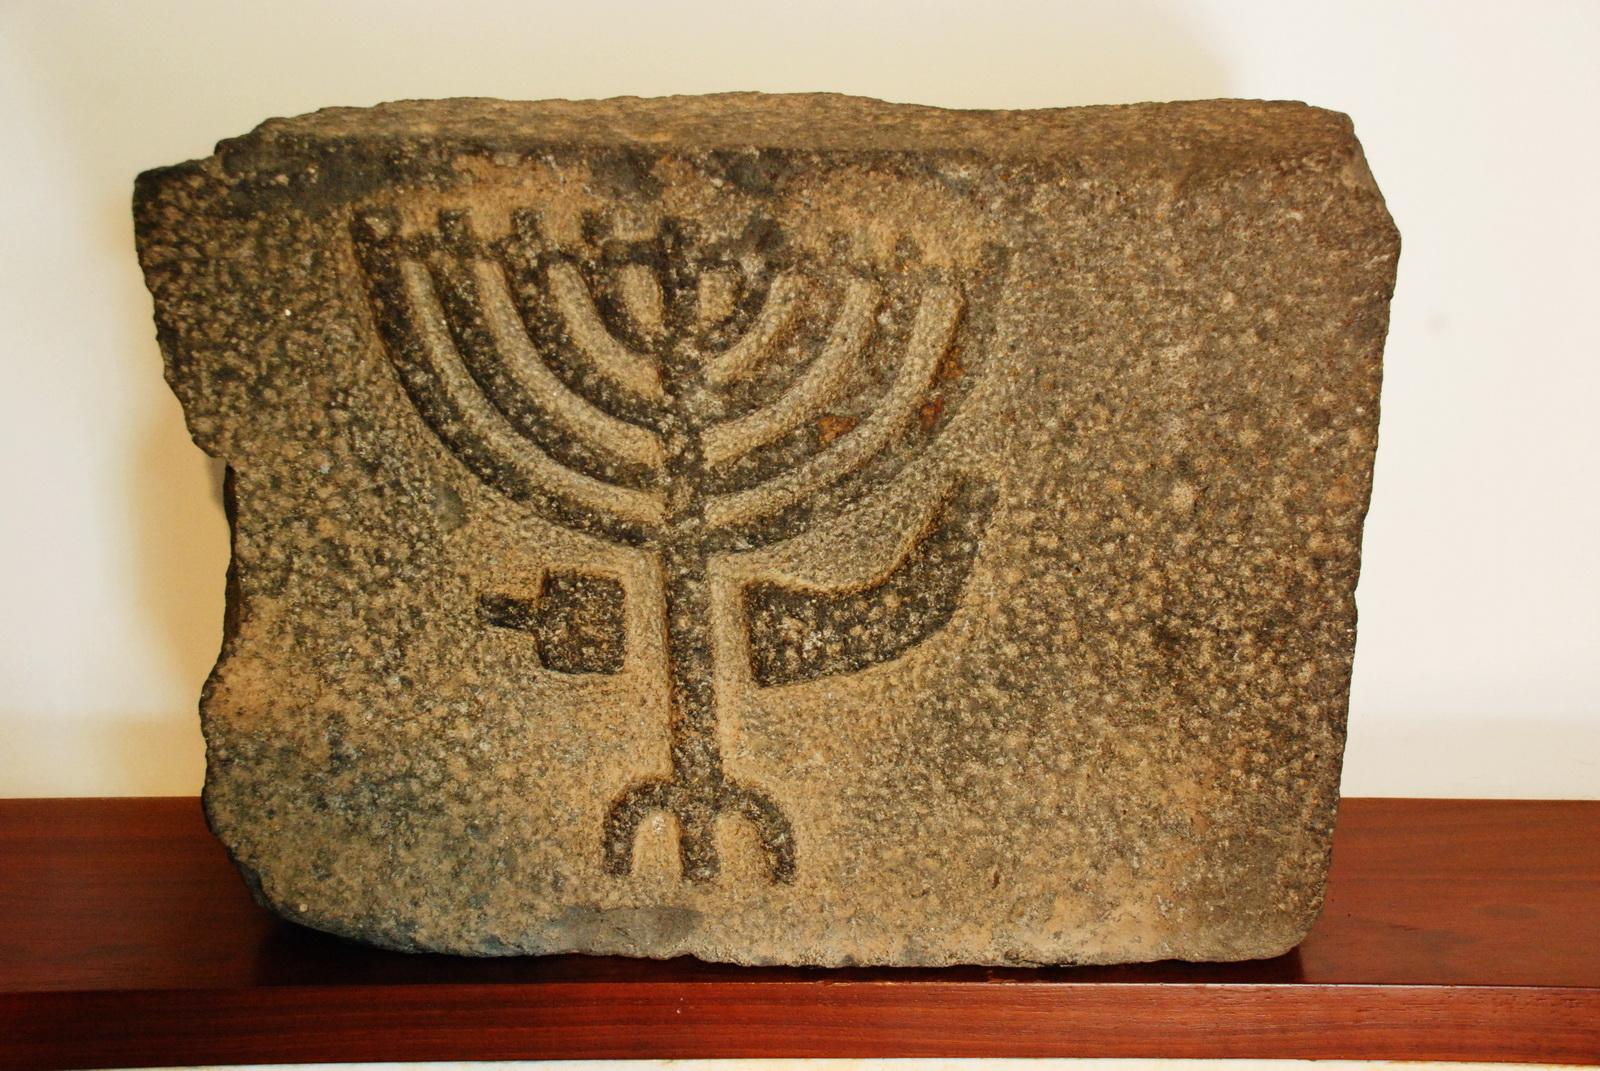 אבן קשת עם מנורה, שופר ומחתה מבית הכנסת ביהודיה